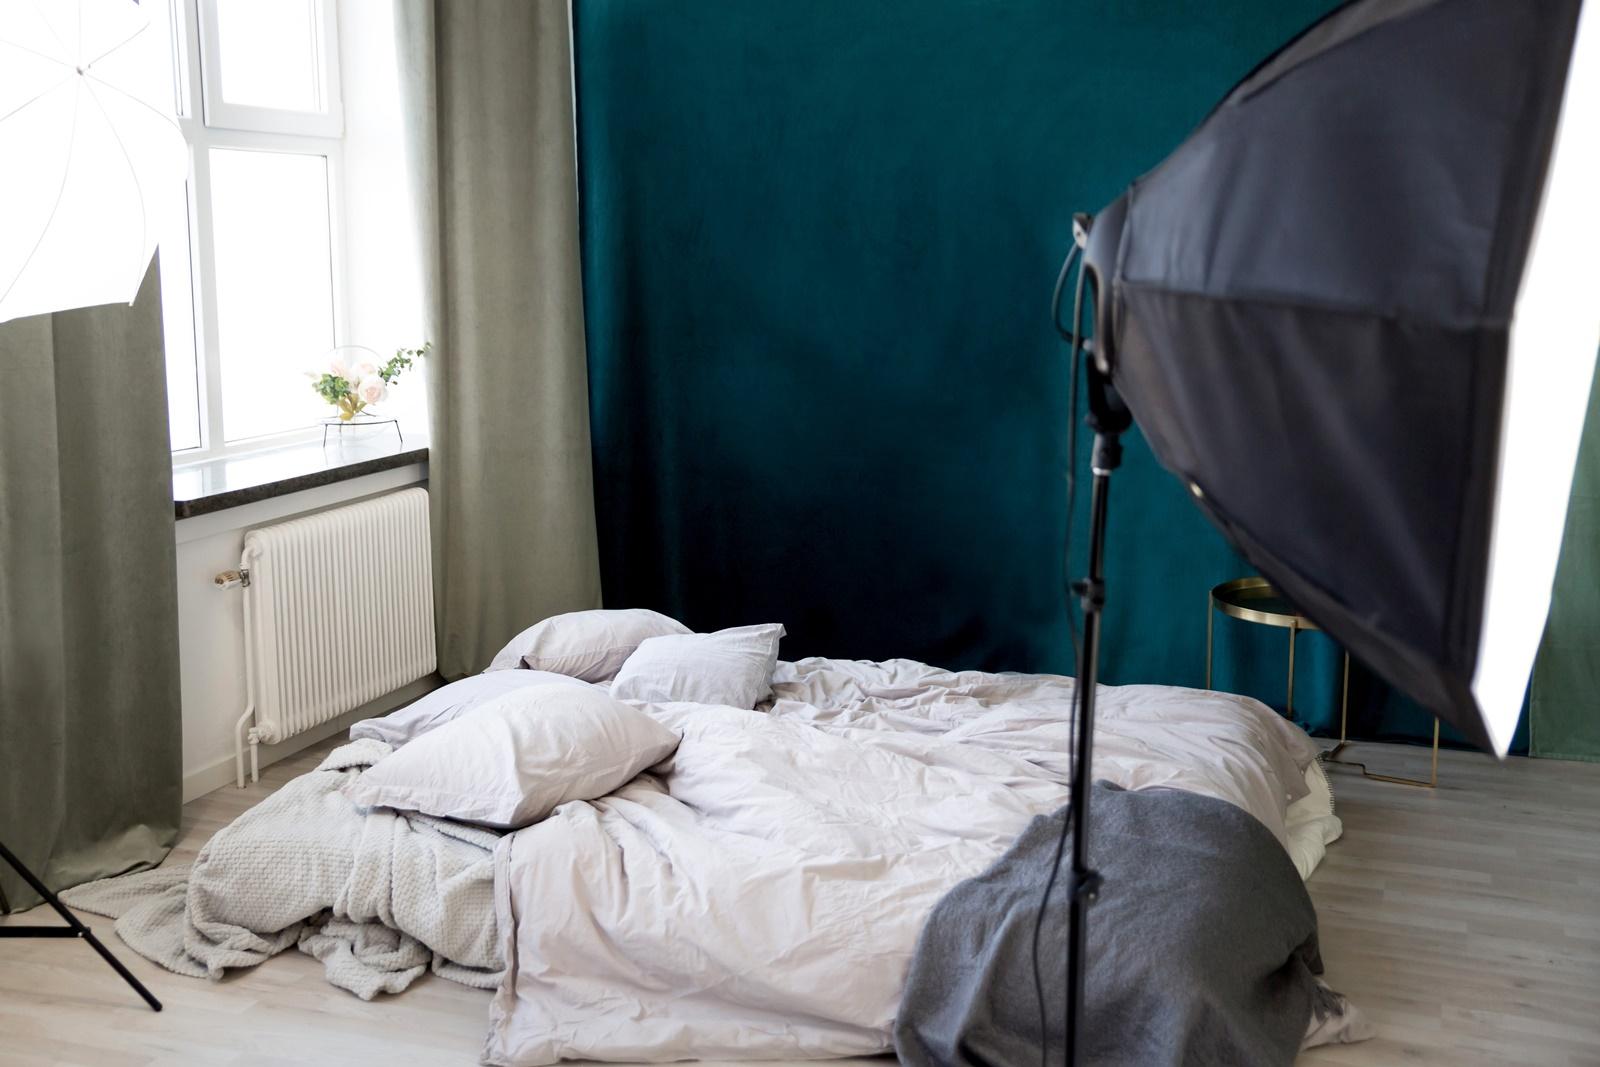 Studio miljö vår 2019 frokenfotostudio.se Fröken Foto Studio fotograf Malin Richardsson Skene Kinna Borås Kungsbacka (4).jpg